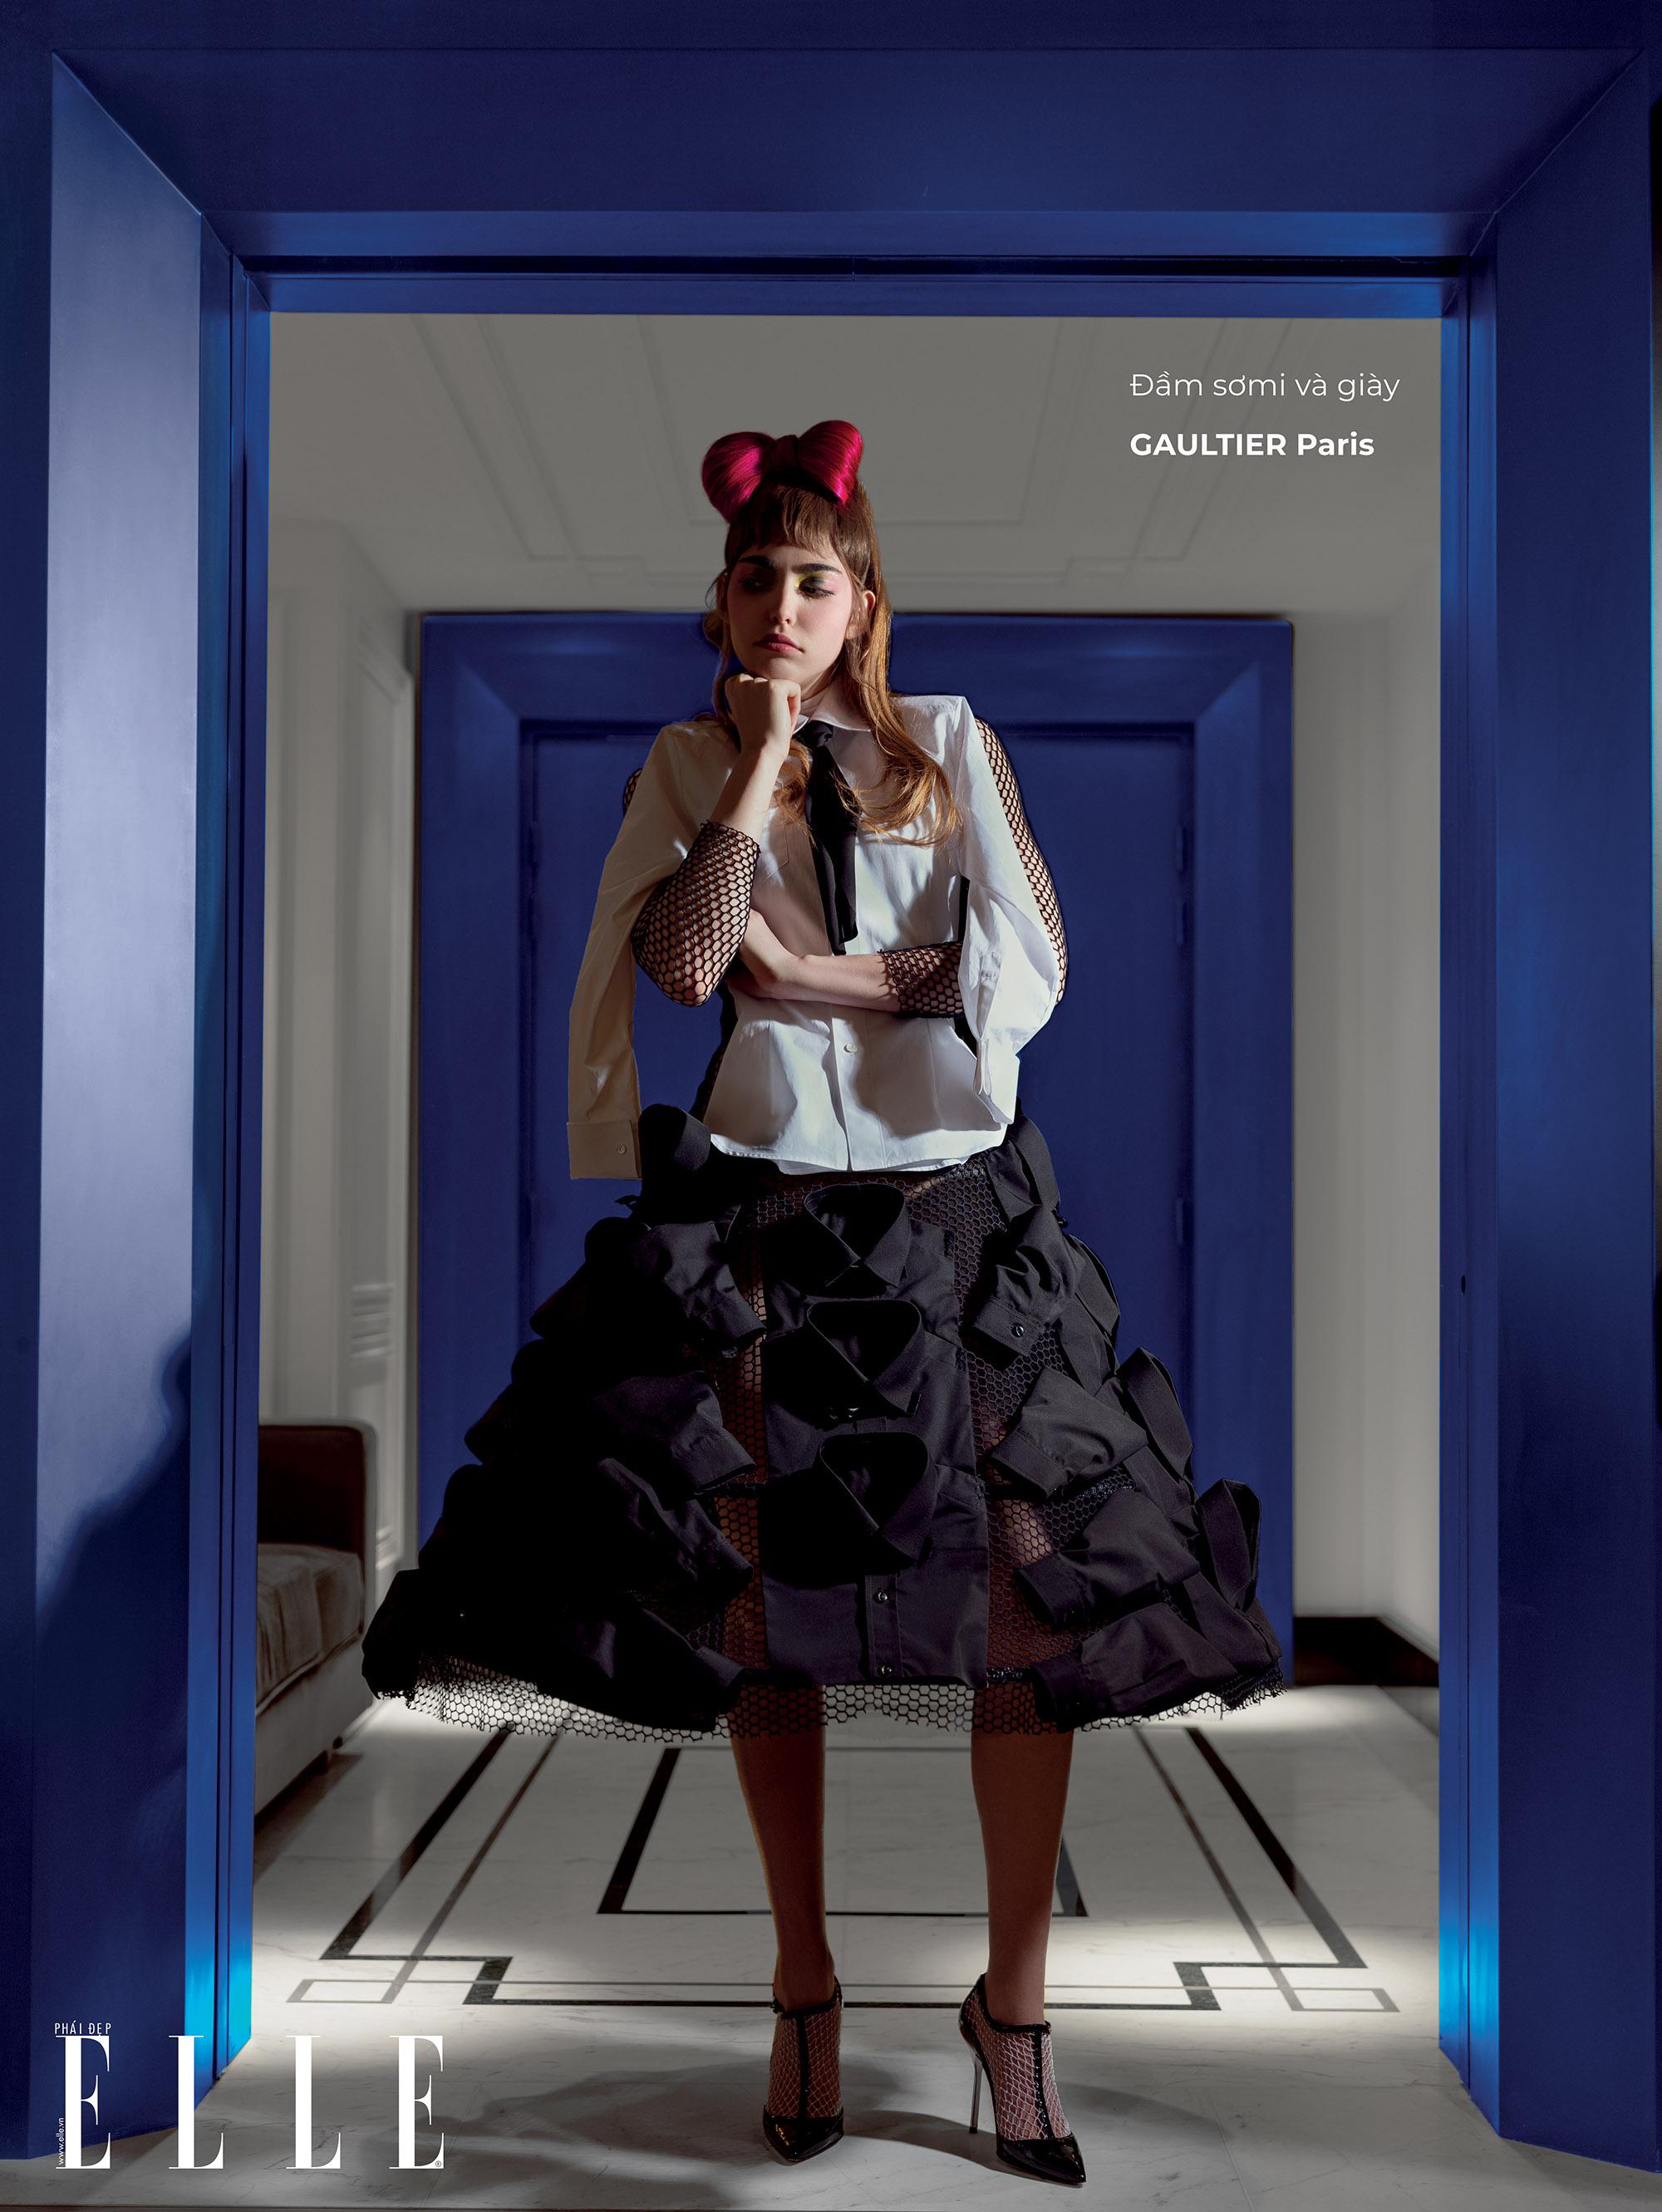 haute couture đầm somi và giày